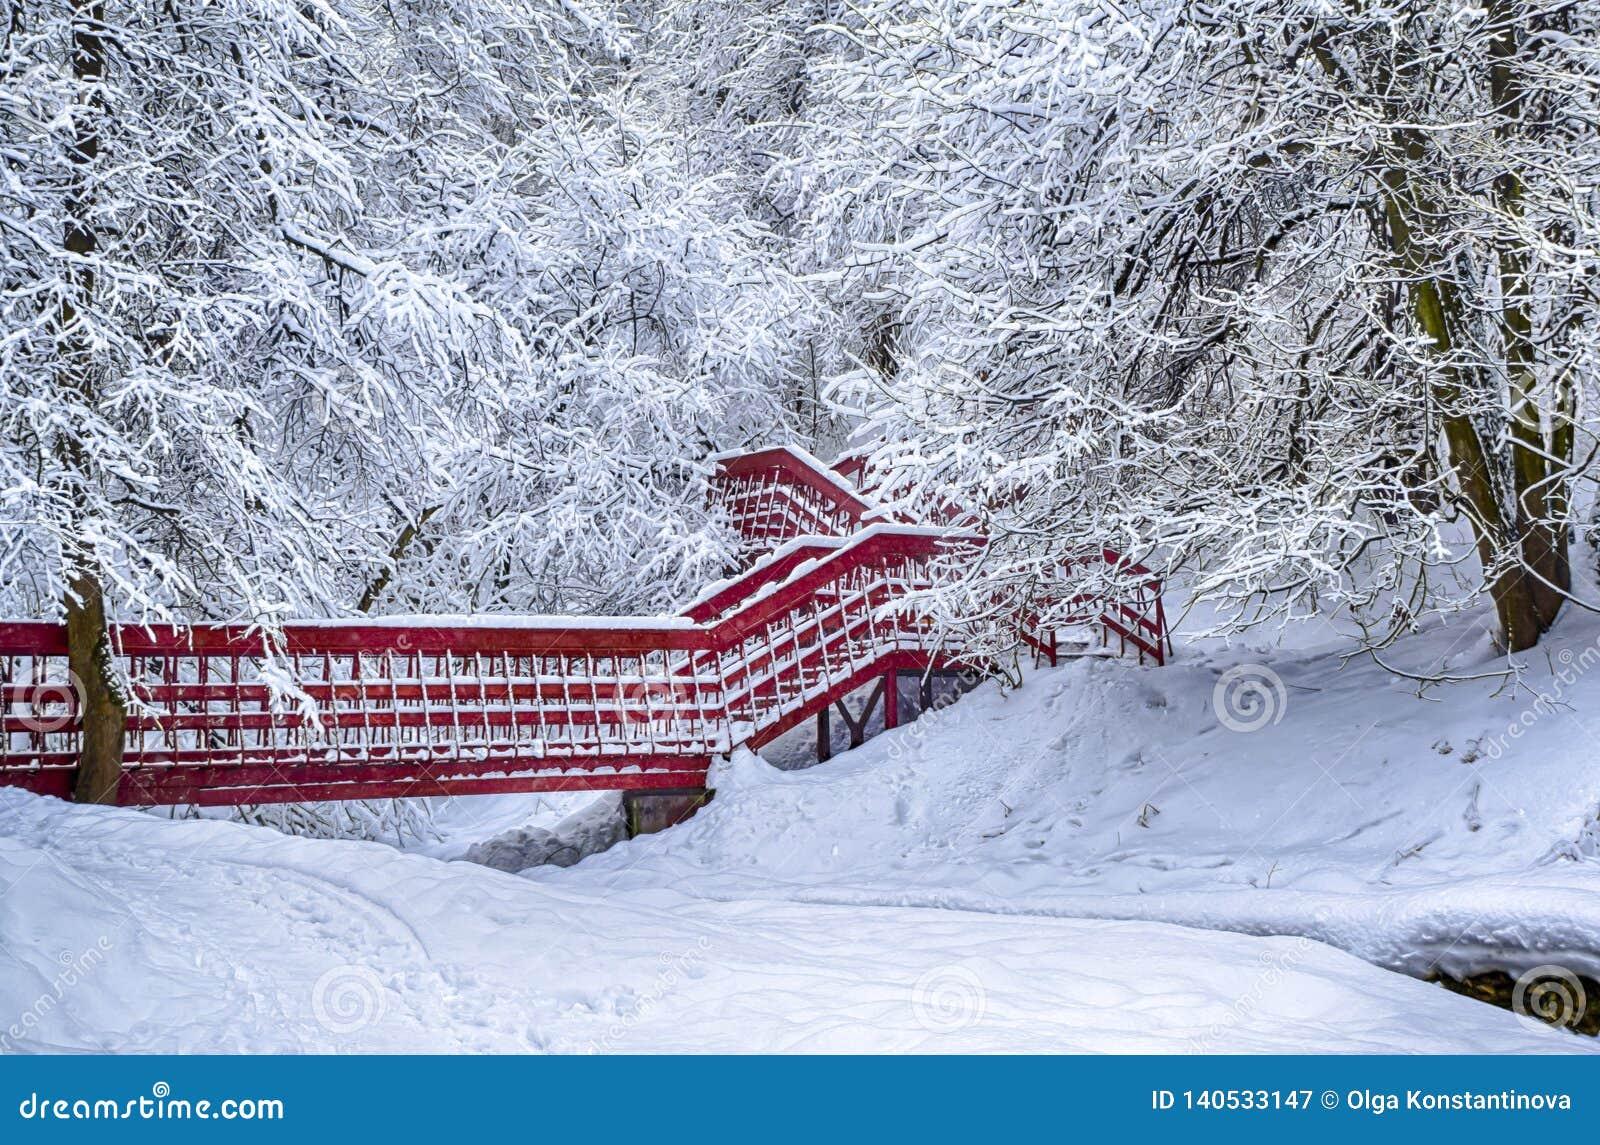 Neve dramática da floresta da paisagem da neve do inverno da ponte vermelha só na foto do hdr do vignetting dos ramos